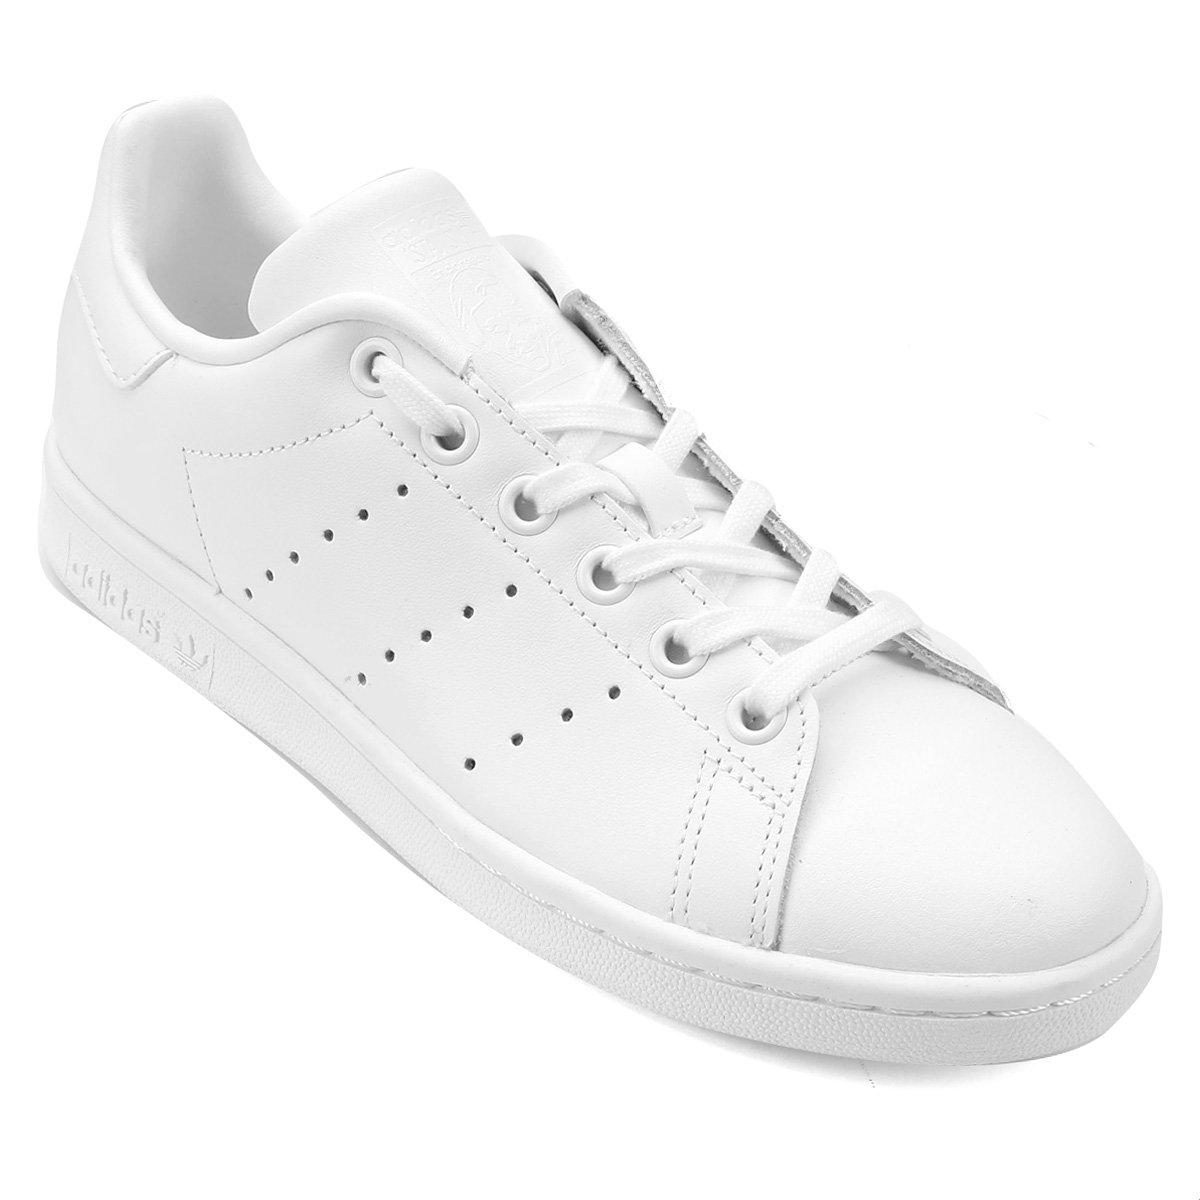 Tênis Adidas Stan Smith J Infantil - Compre Agora  a826f66bea1a9